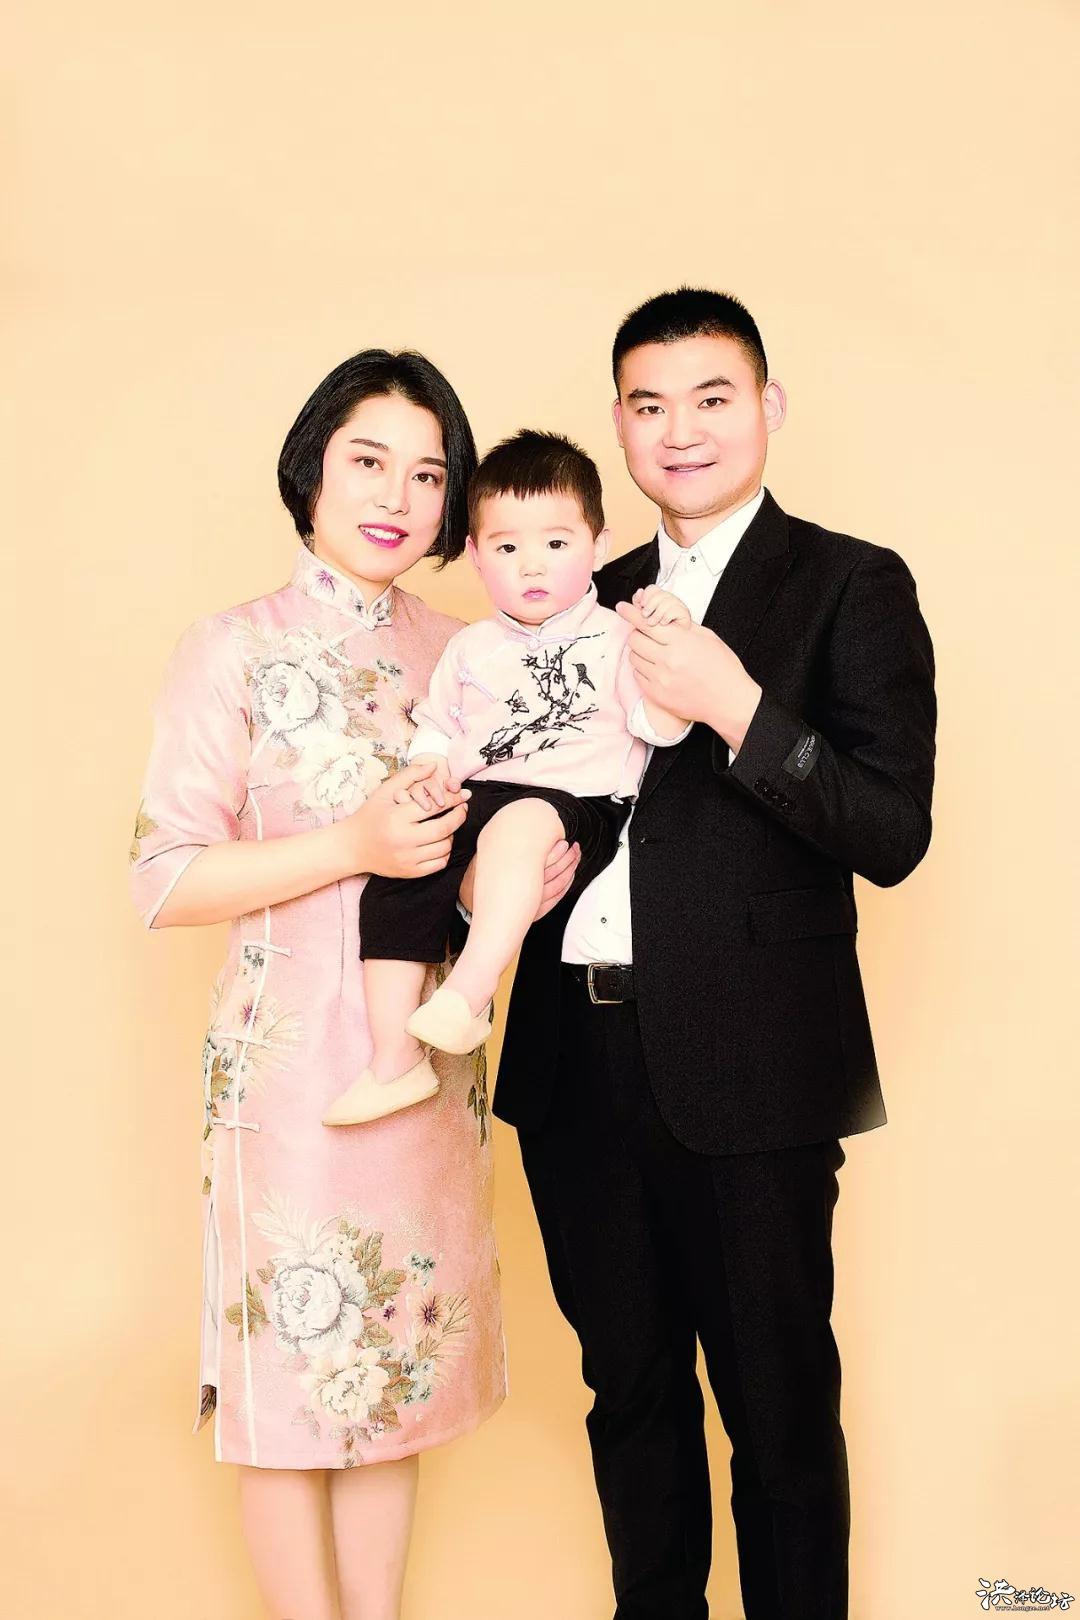 驕傲!中國首位航母女操舵手,是咱淮安姑娘!